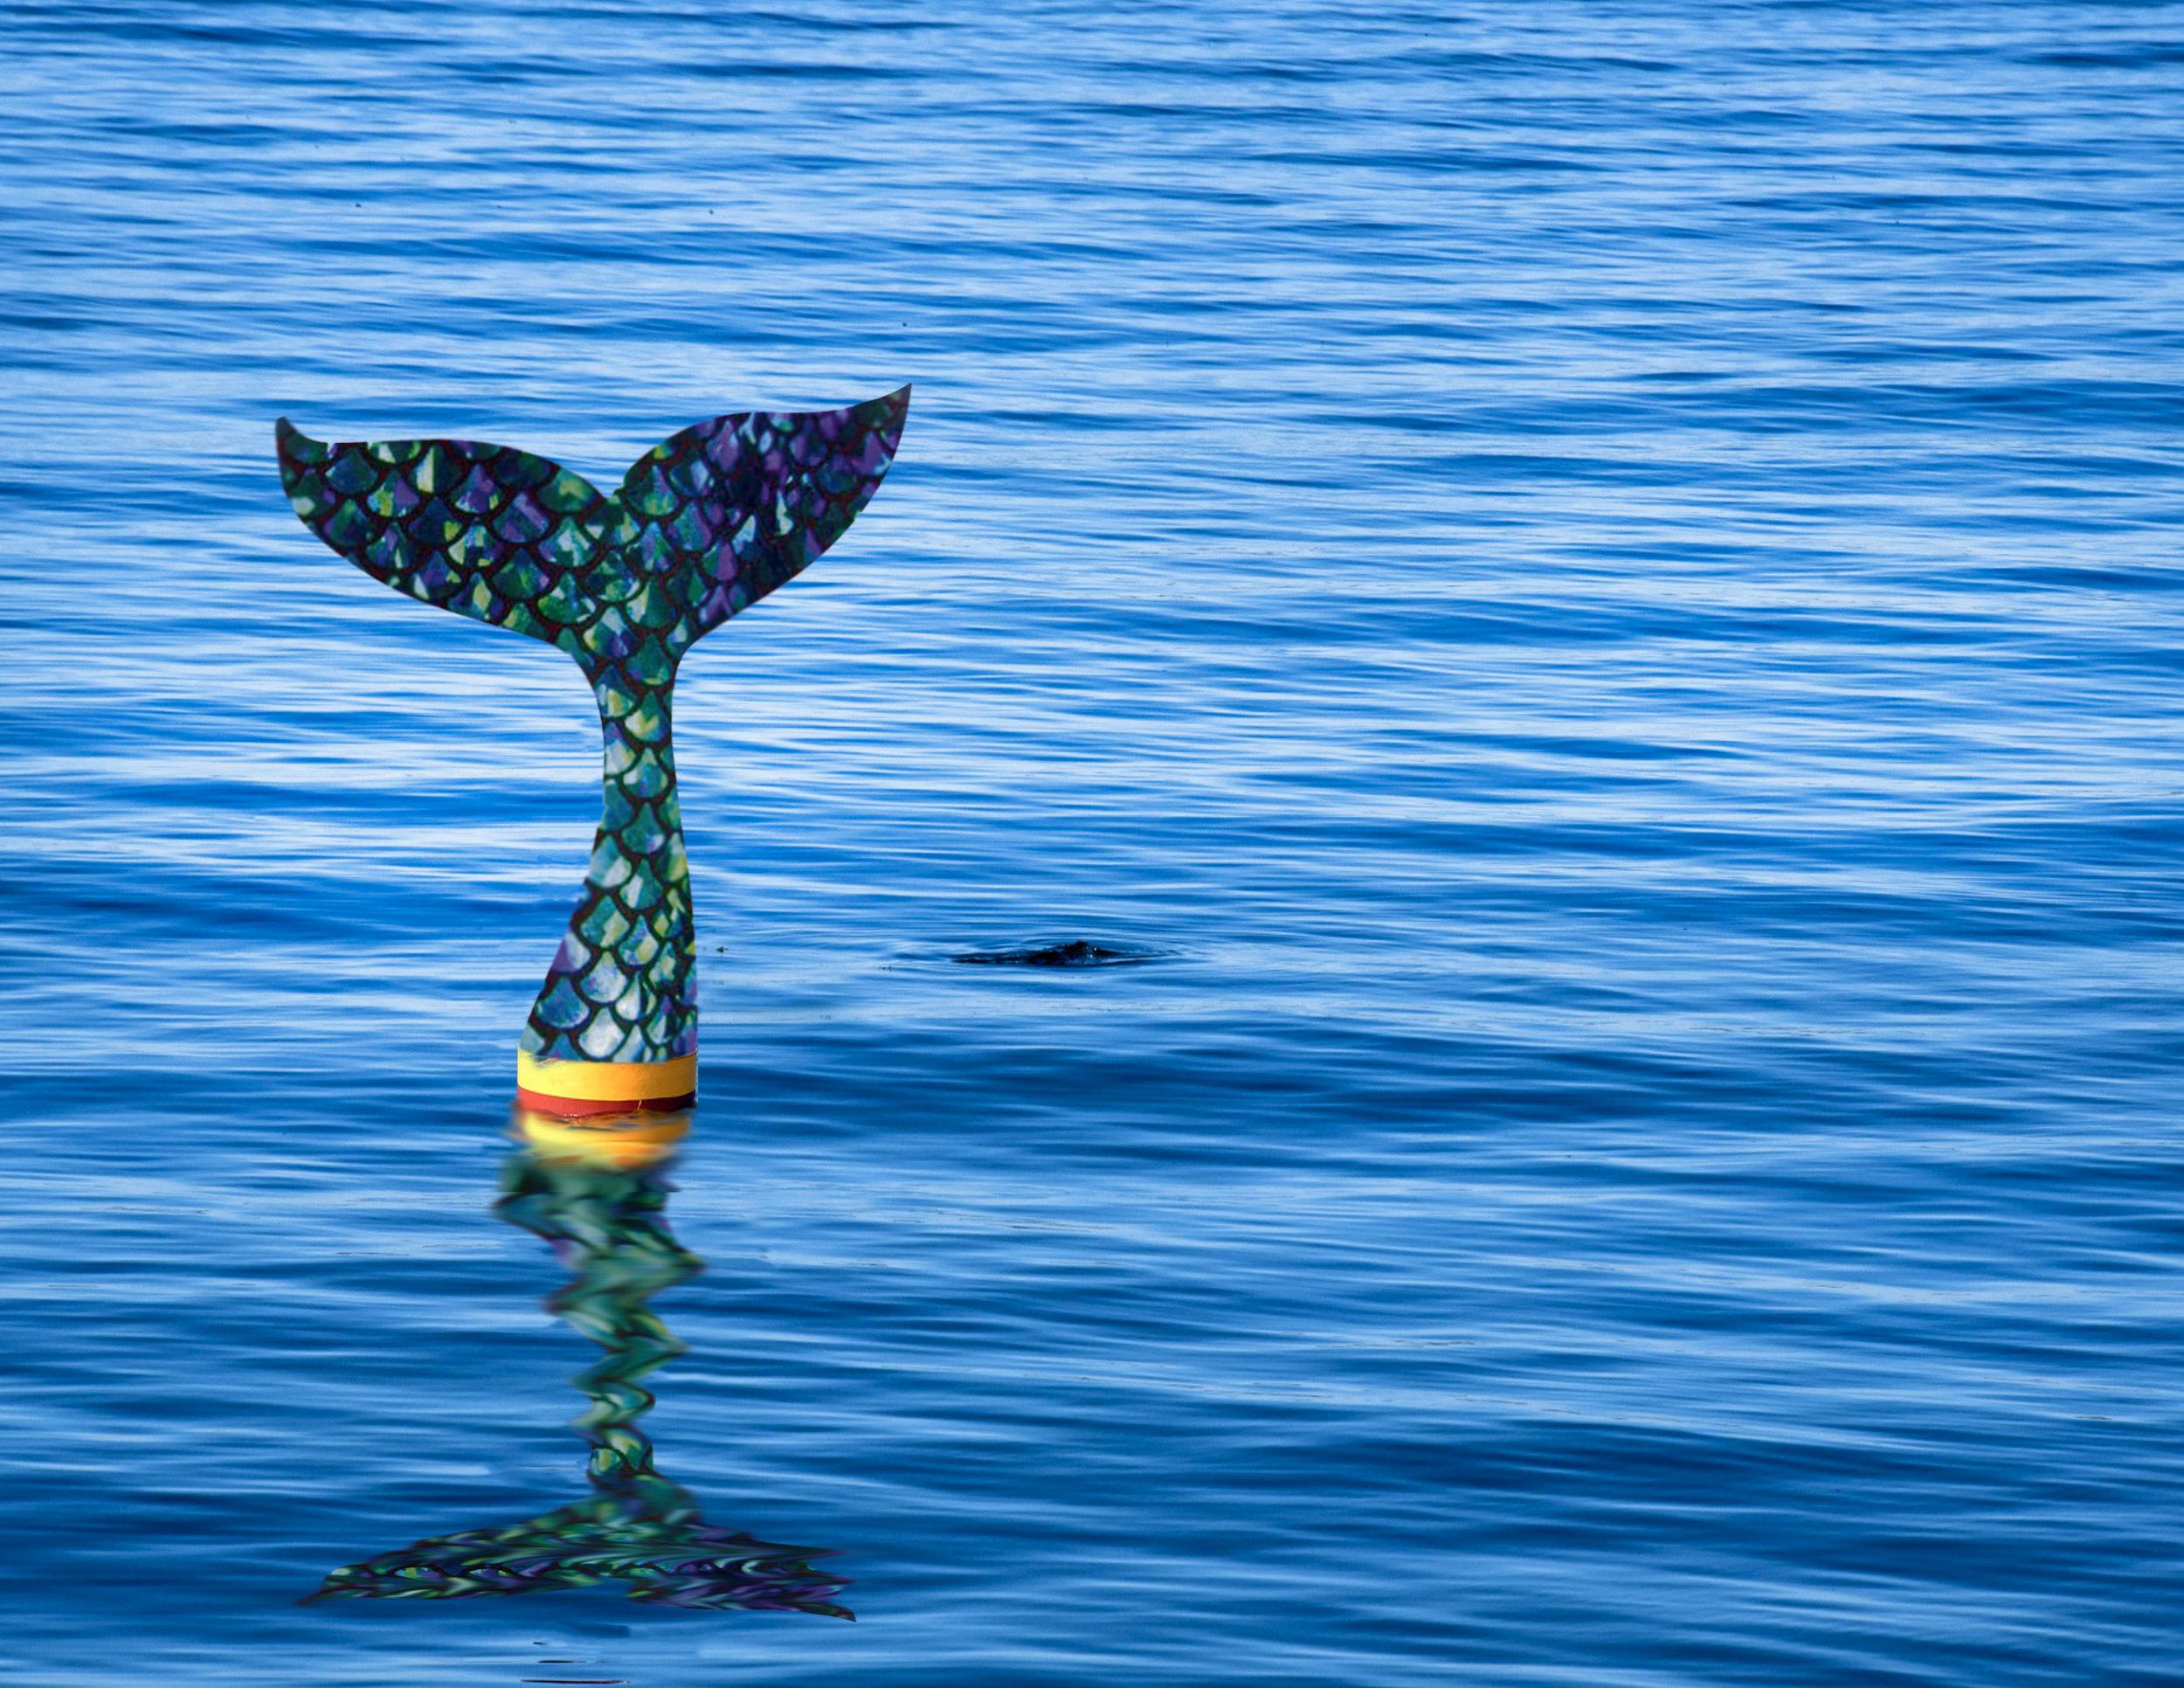 Weekiwachee_buoy2.jpg